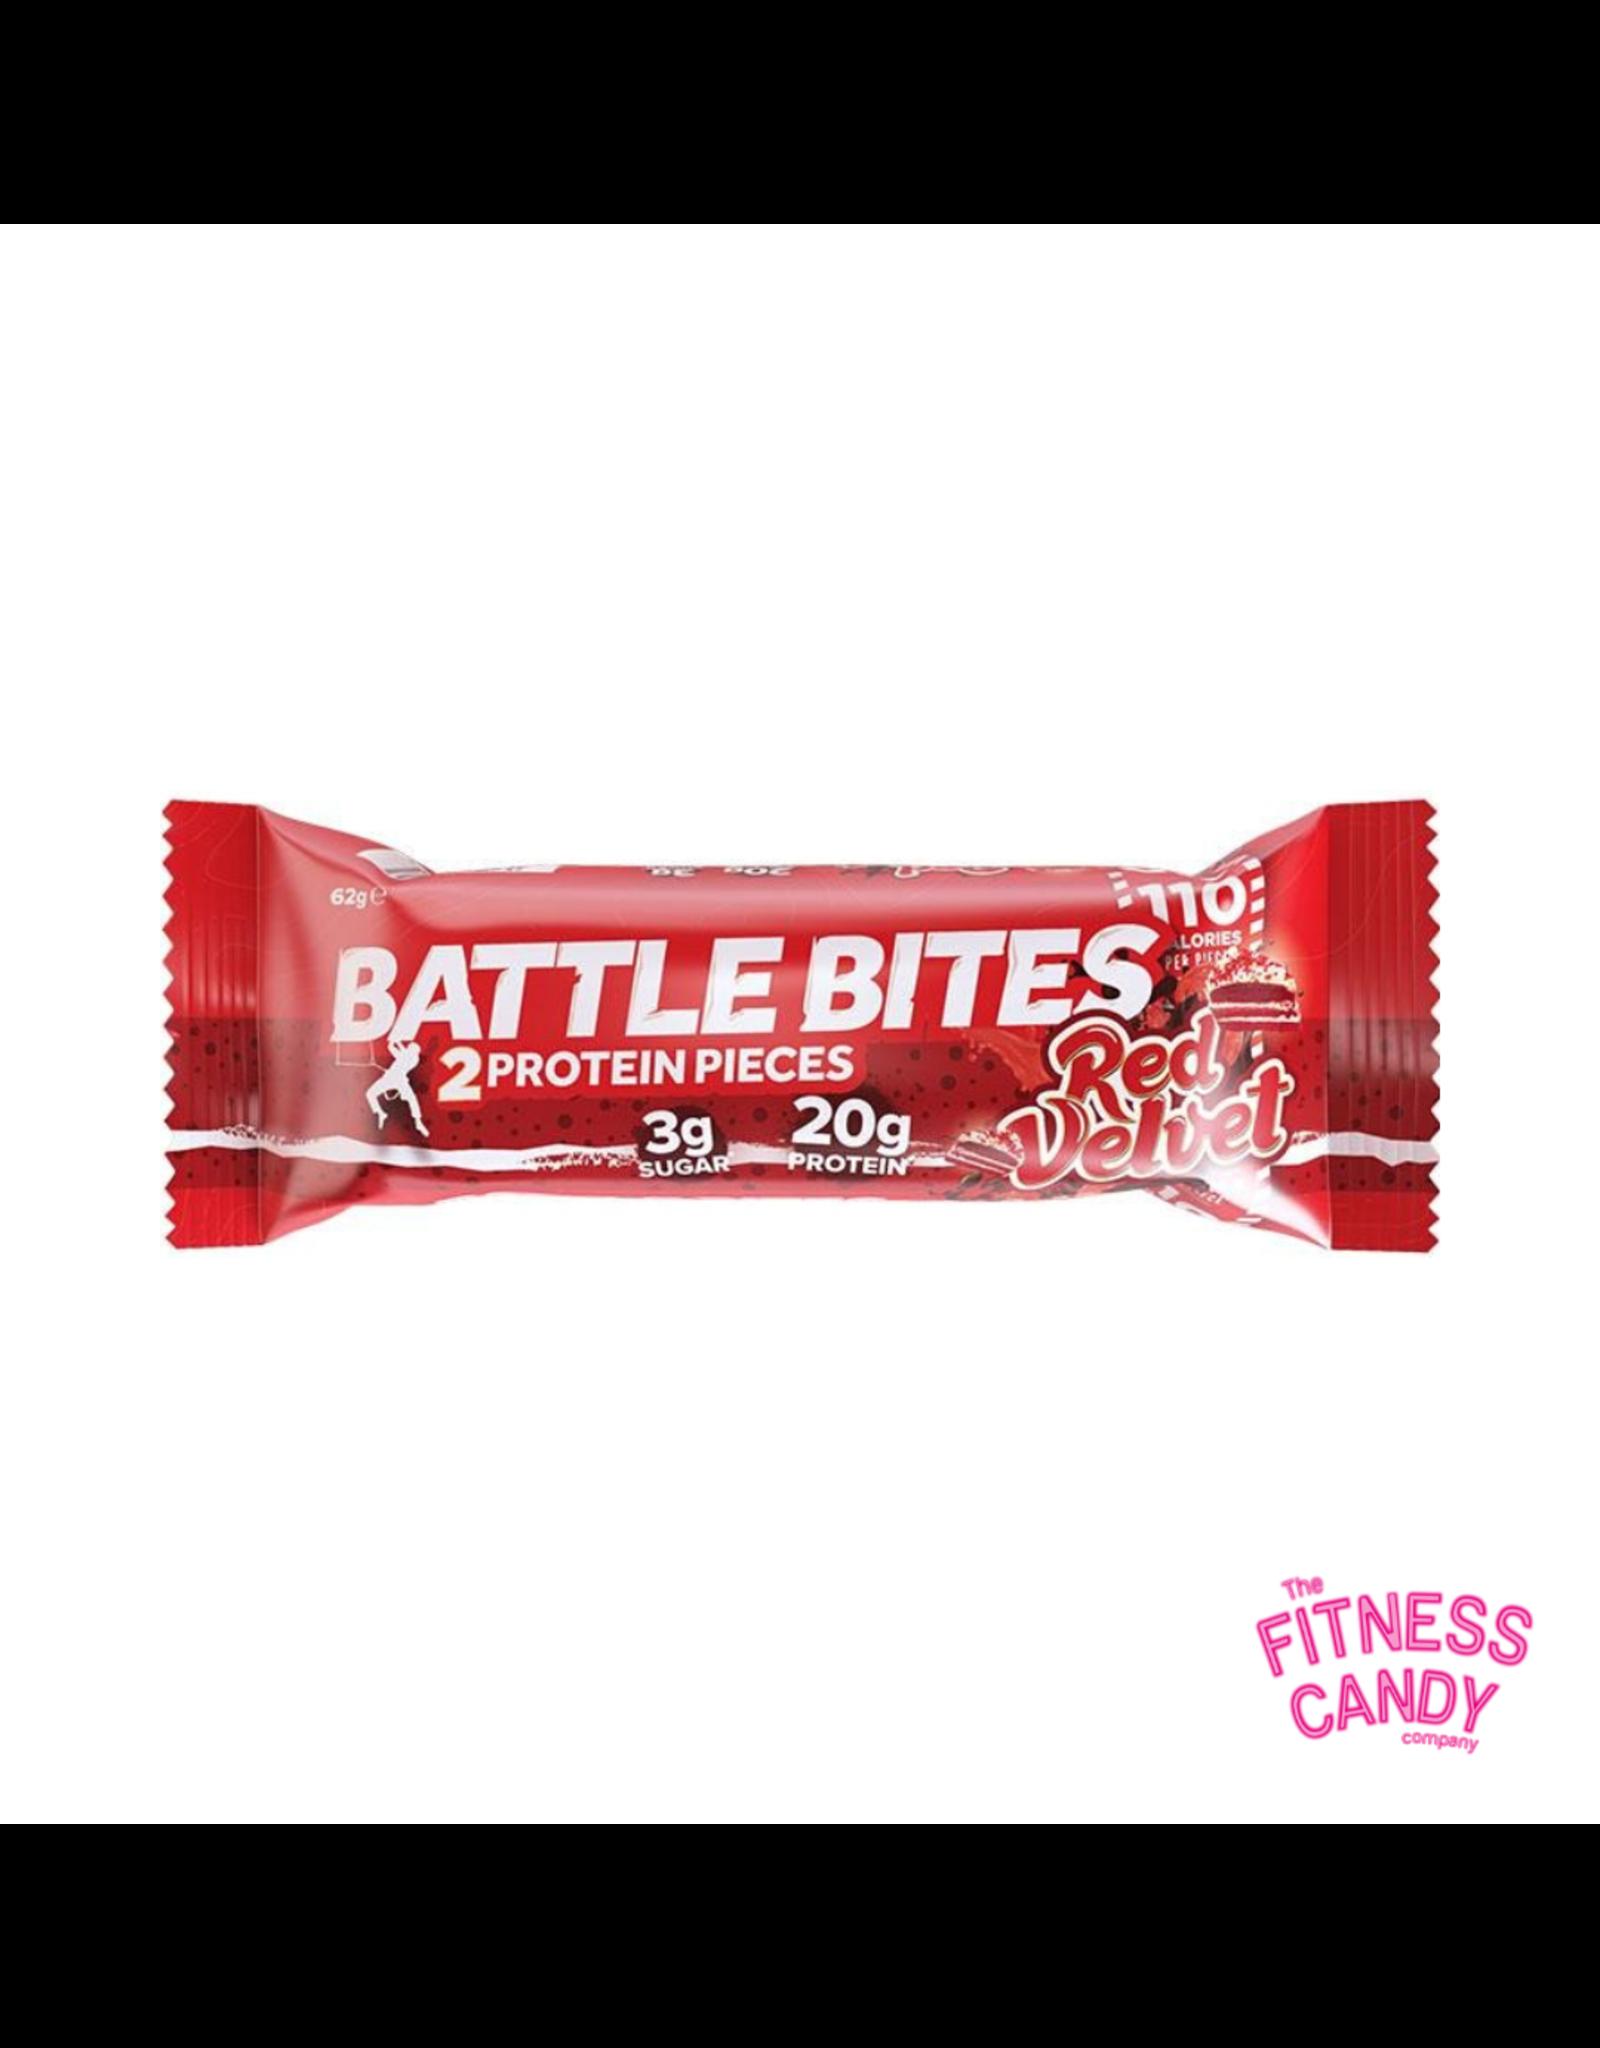 BATTLE BITES BATTLE BITES Red Velvet